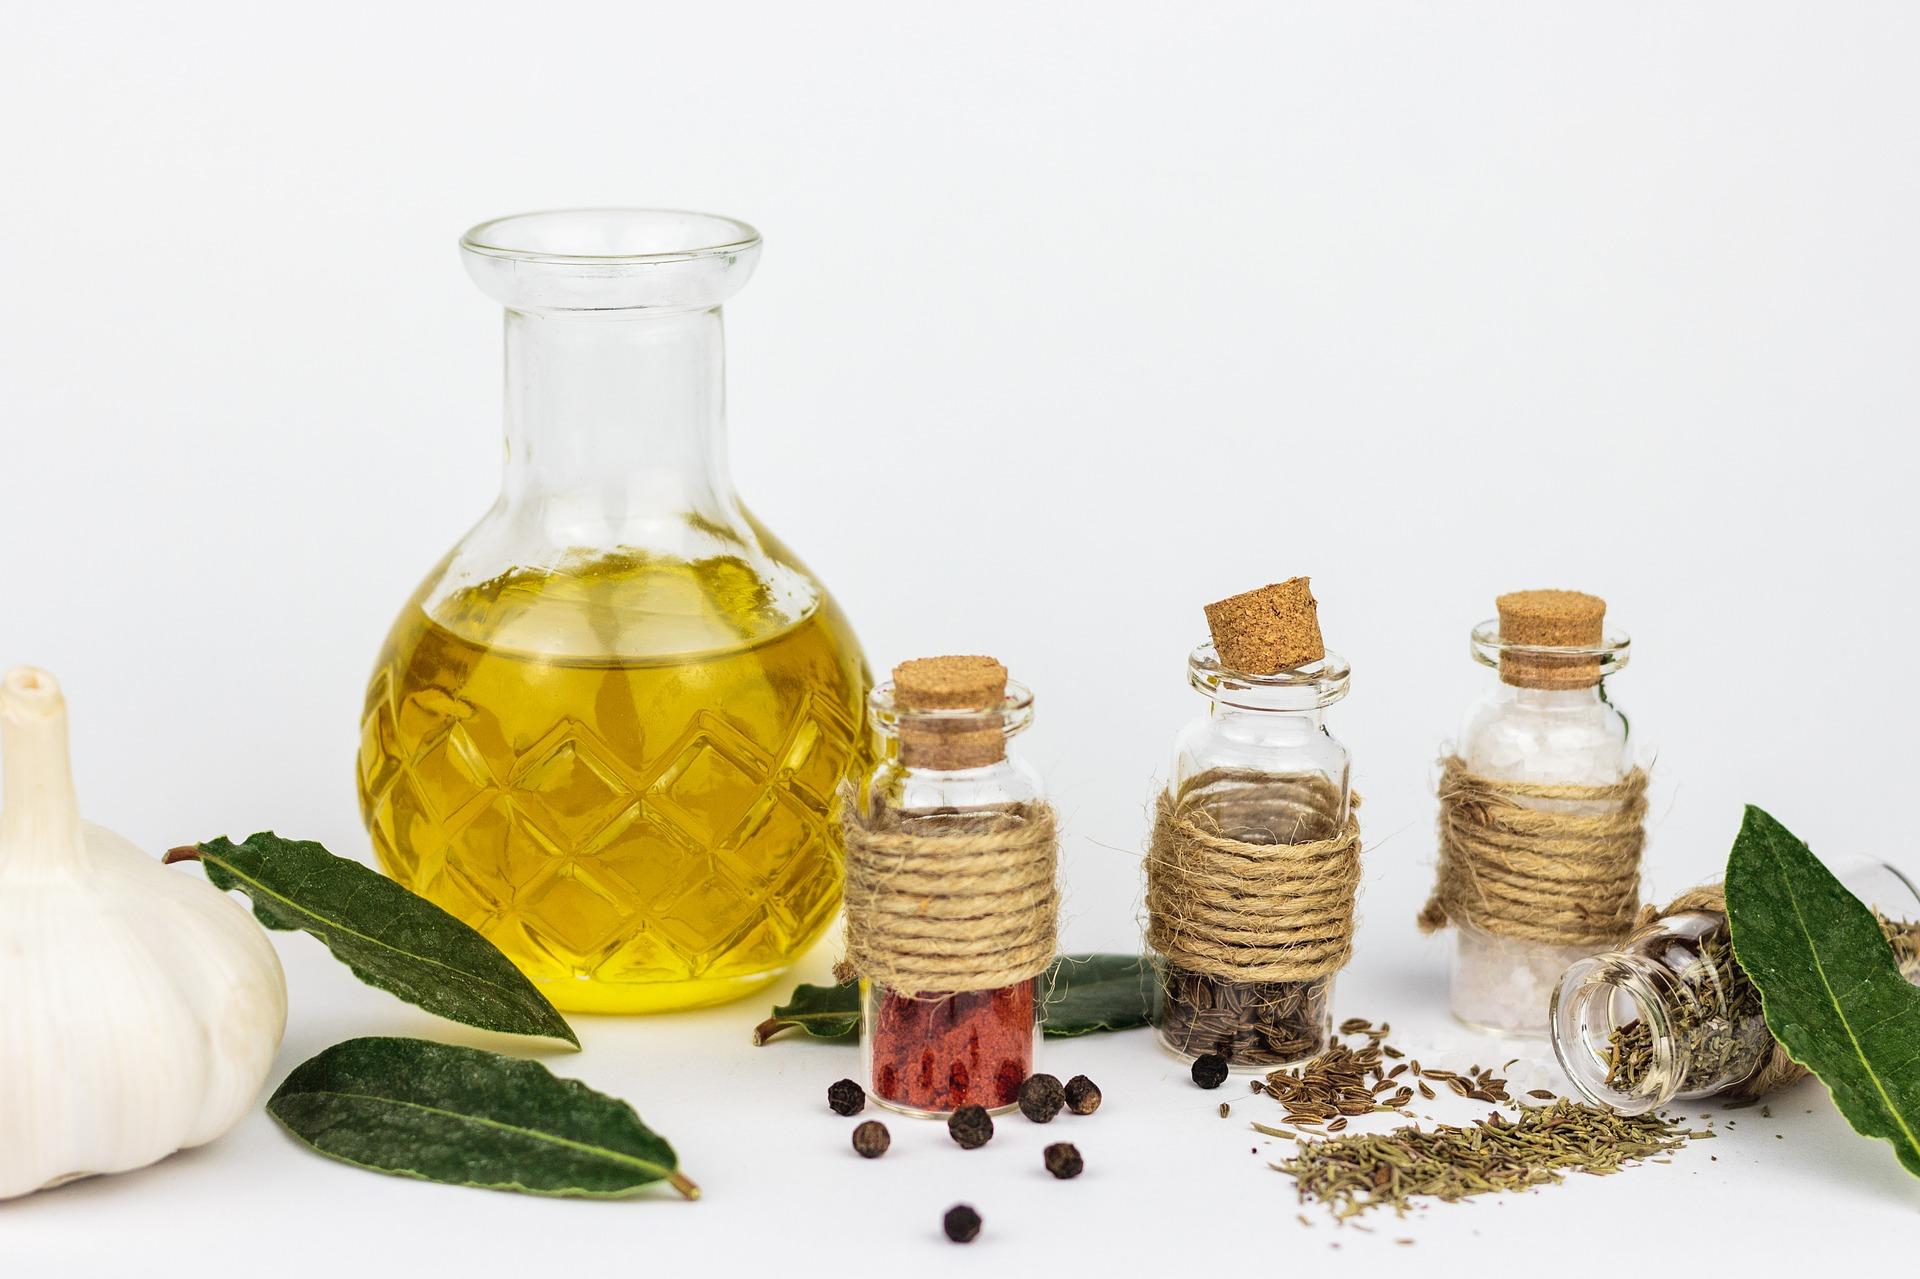 Nährstoffe Pflanzenöl Olivenöl Vegan